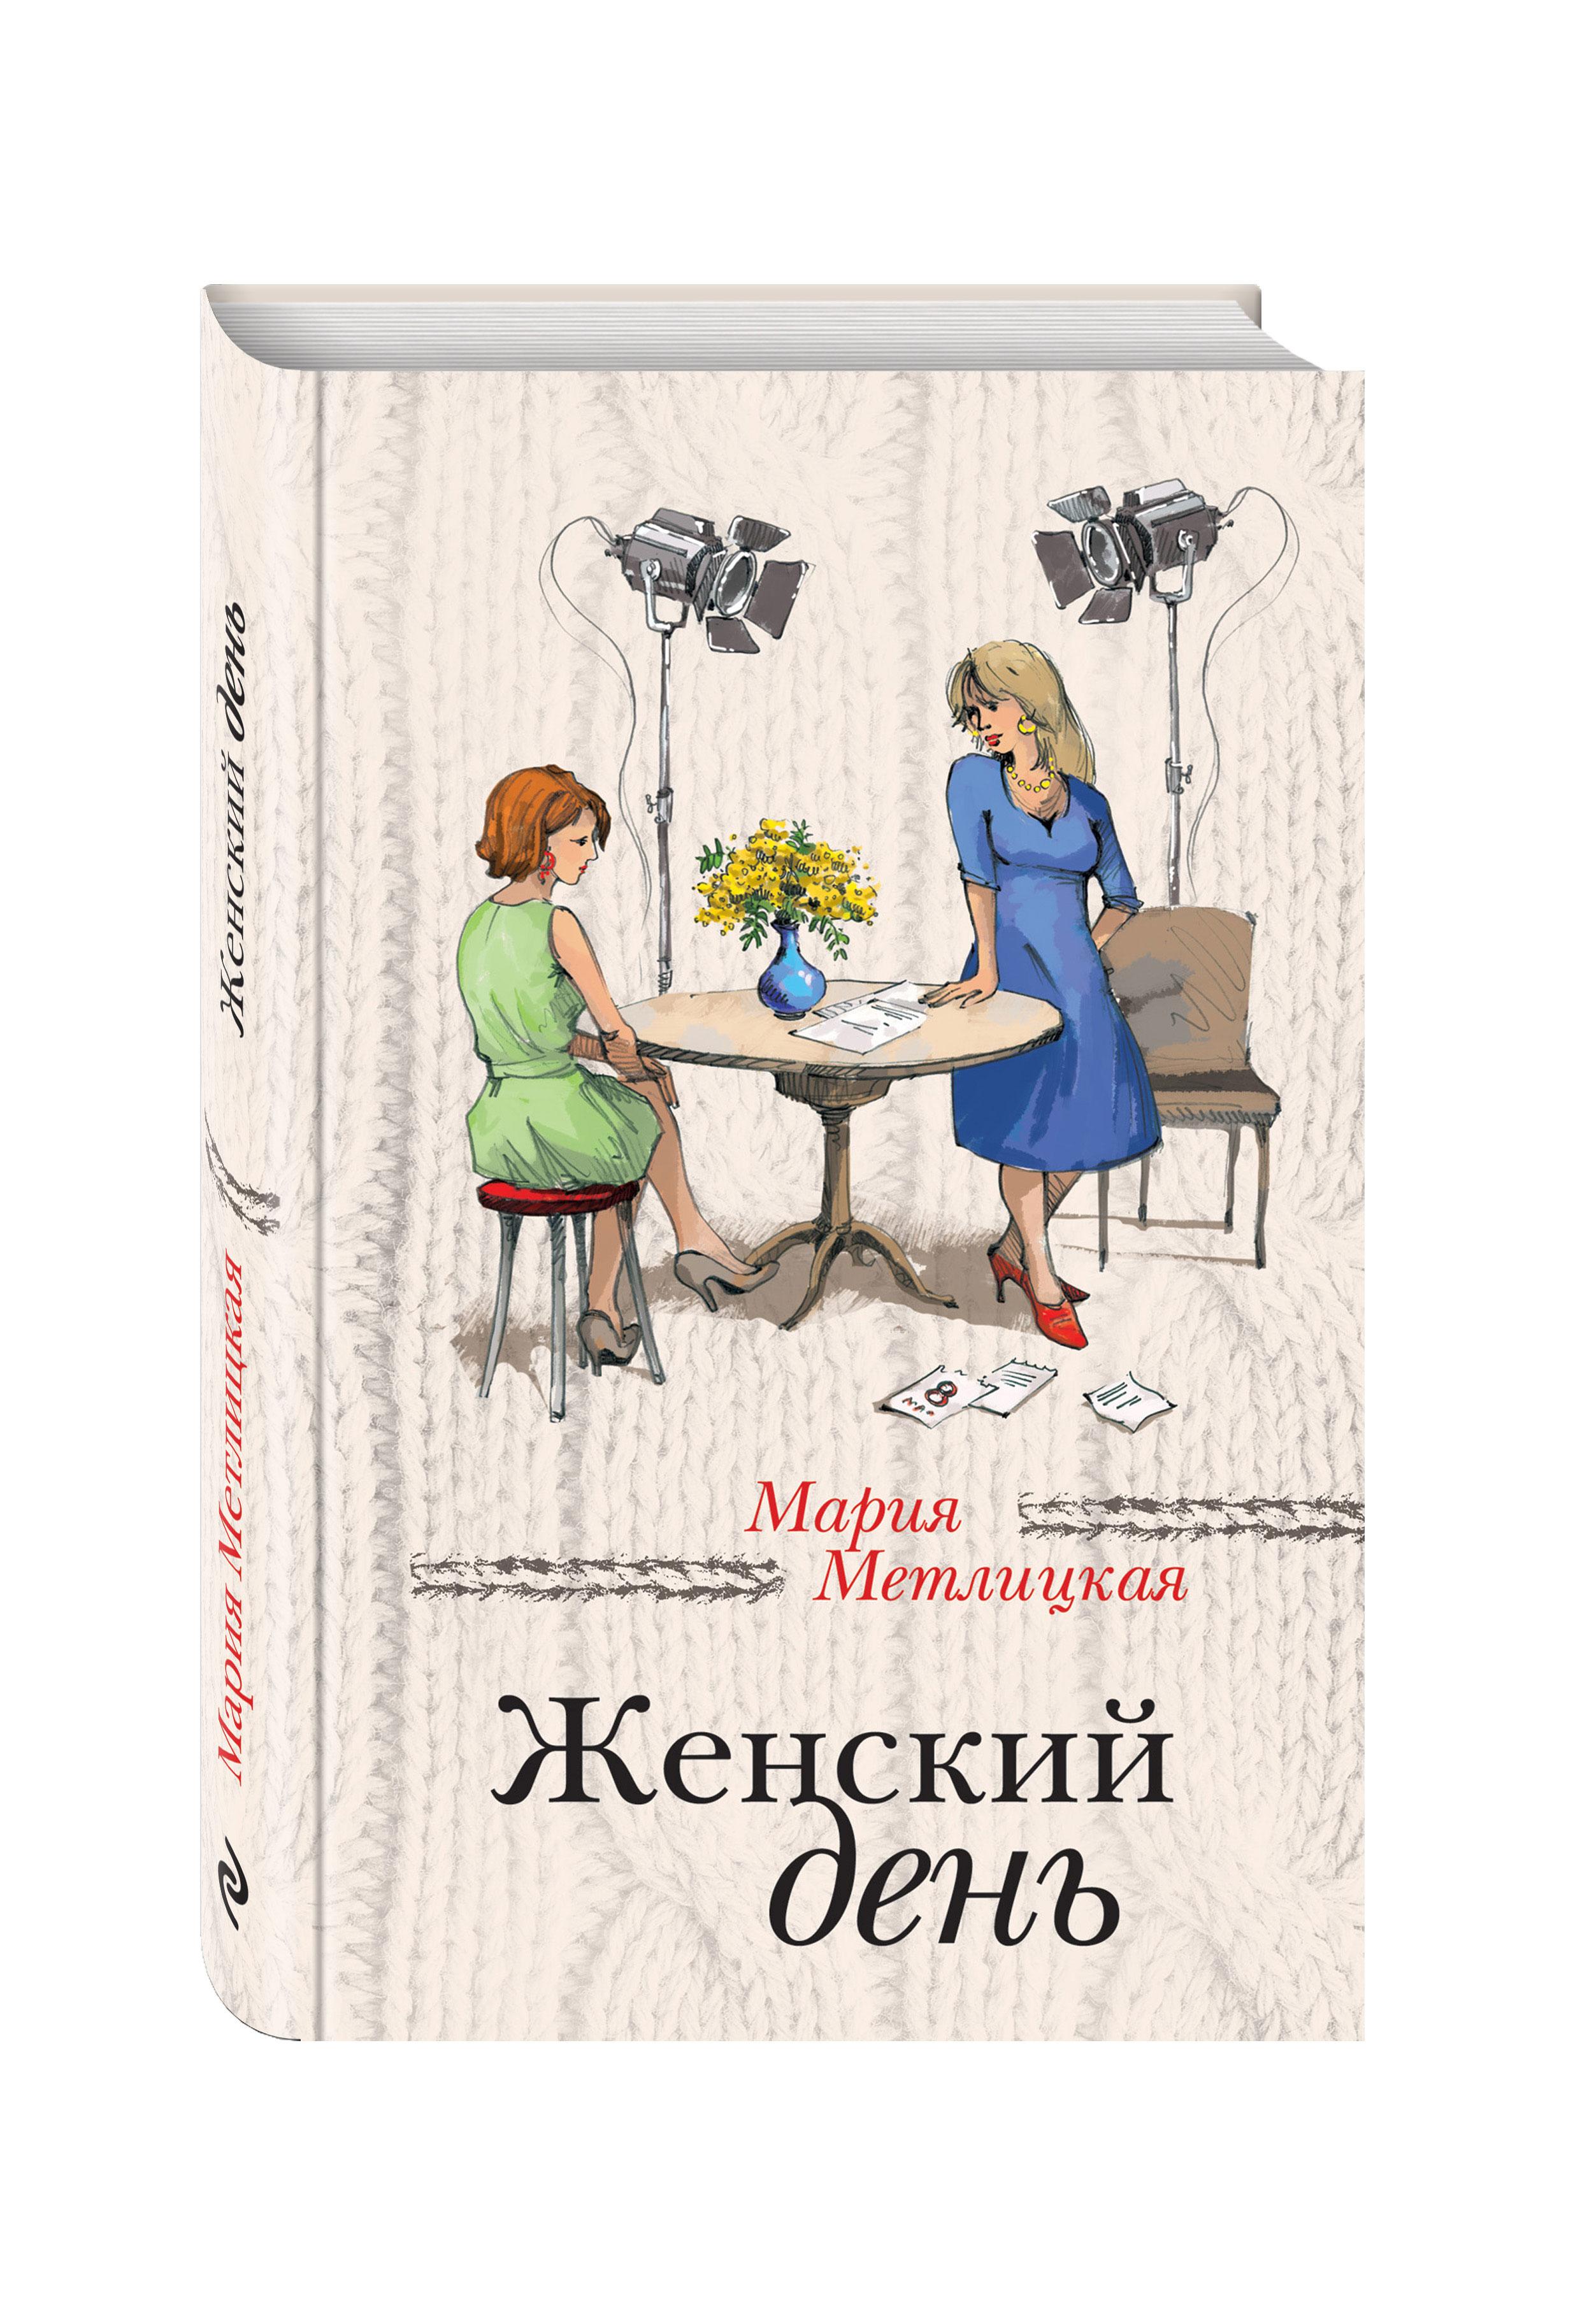 Мария Метлицкая Женский день мария манакова мой день